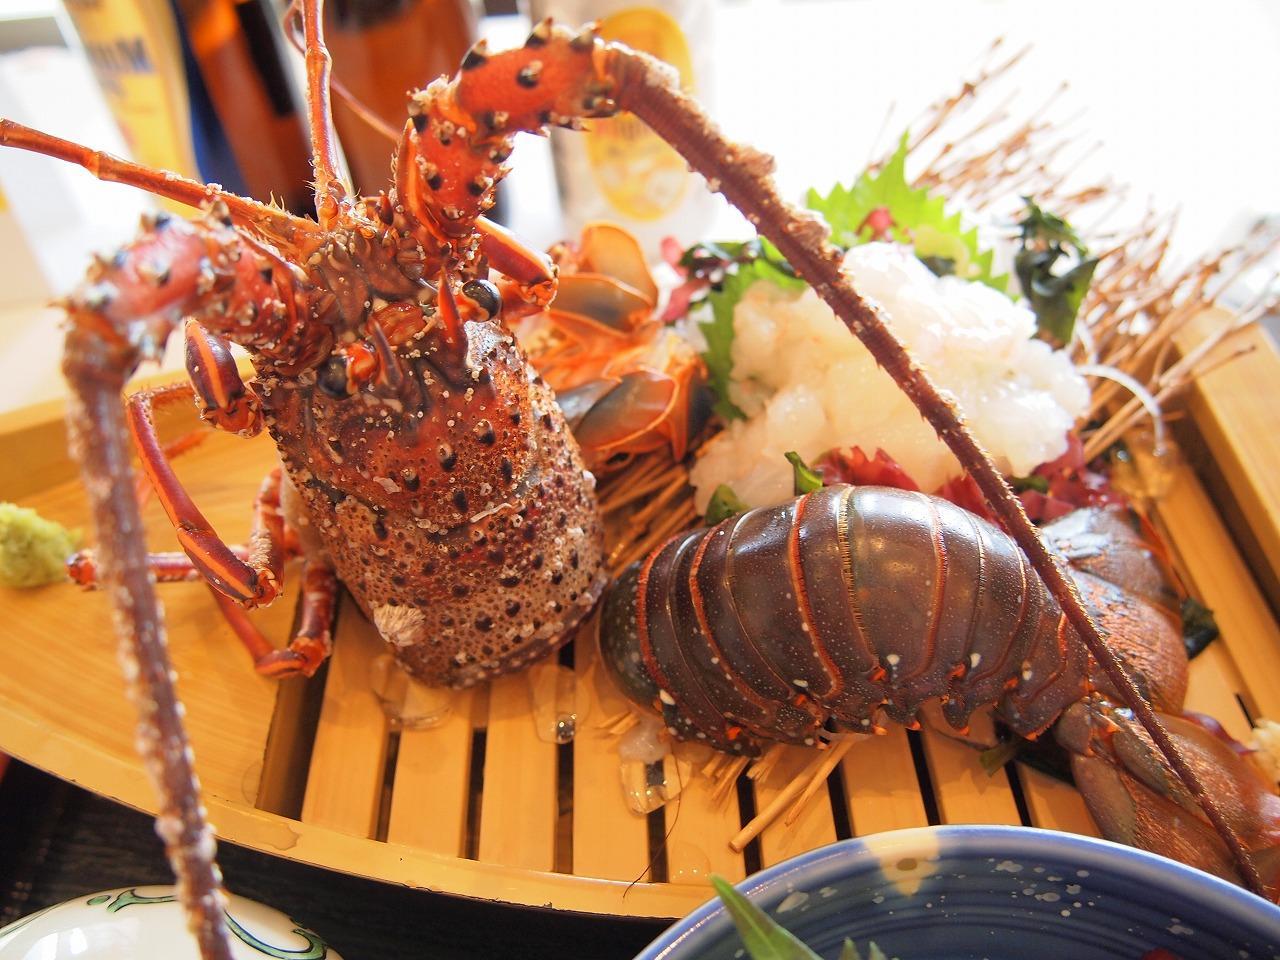 わざわざ食べに行きたい!旬の魚介を産地で味わおう-1